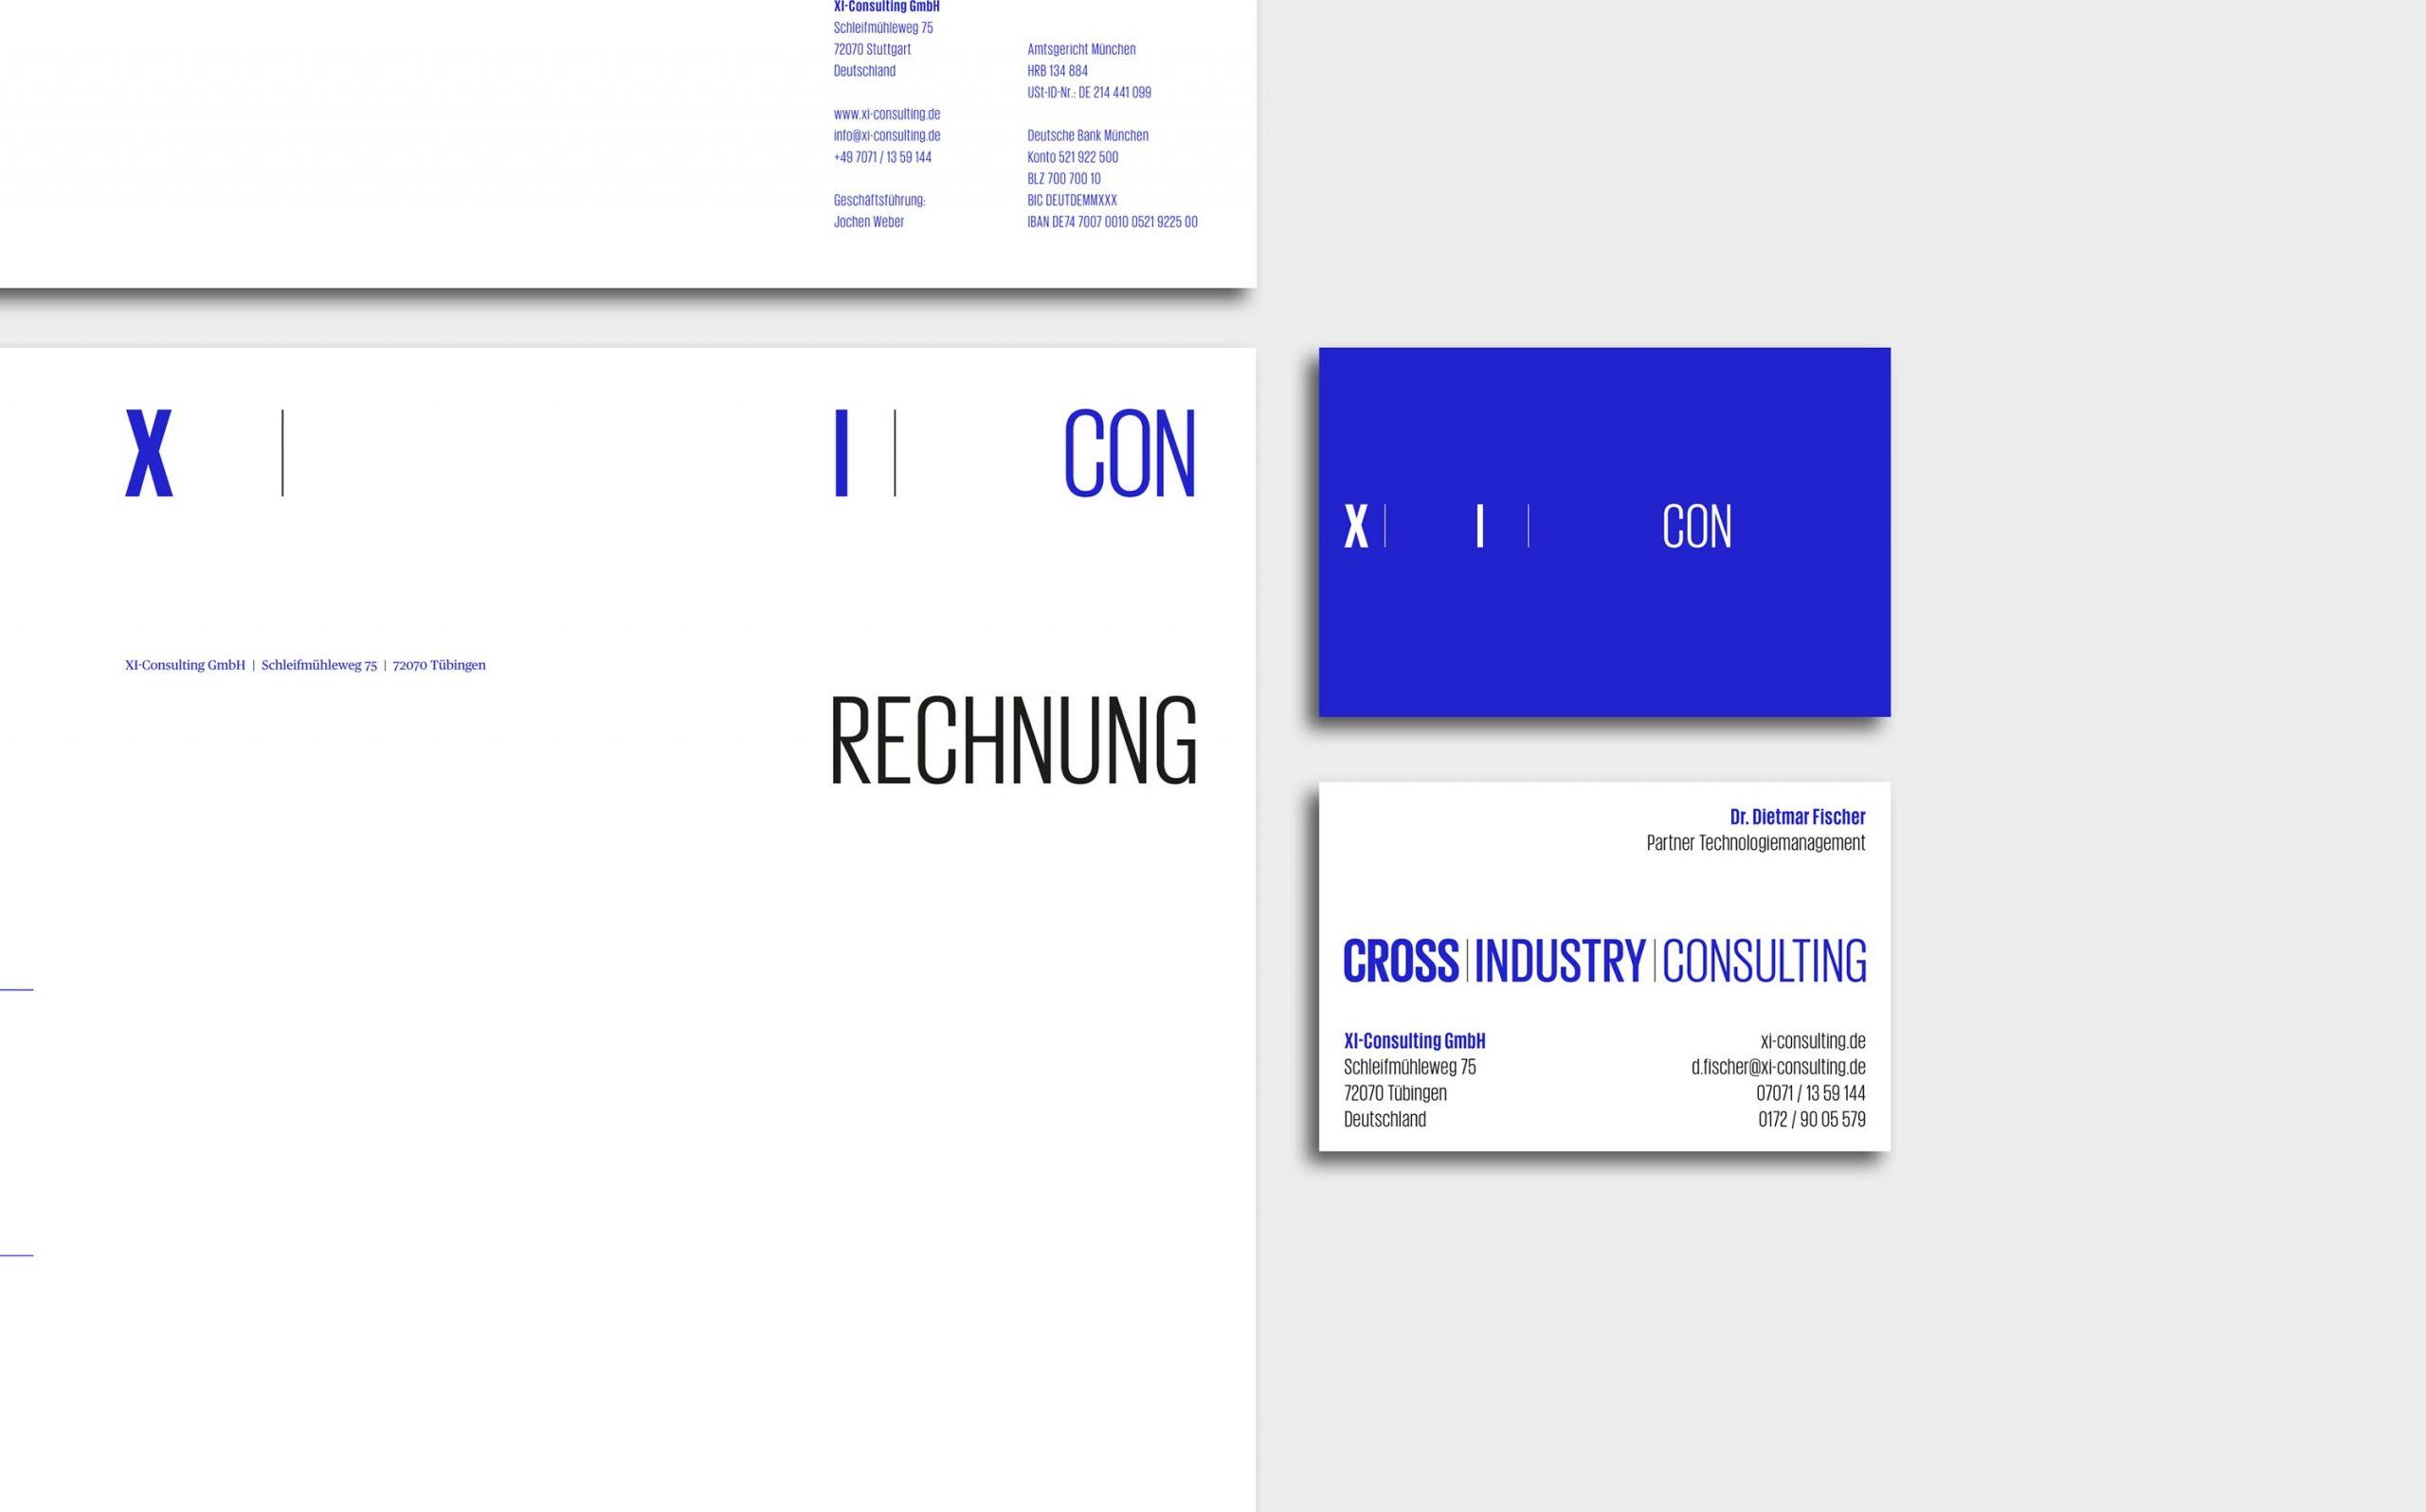 Cross Industry Consulting | Corporate Design Stationary mit Rechnungsvorlage, daneben Visitenkarten, blau auf der Vorderseite und weiß auf Rückseite | Keywords: Corporate Design, Logo, Grafikdesign, Design, Typografie, Whitepaper, Strategie, Beratung